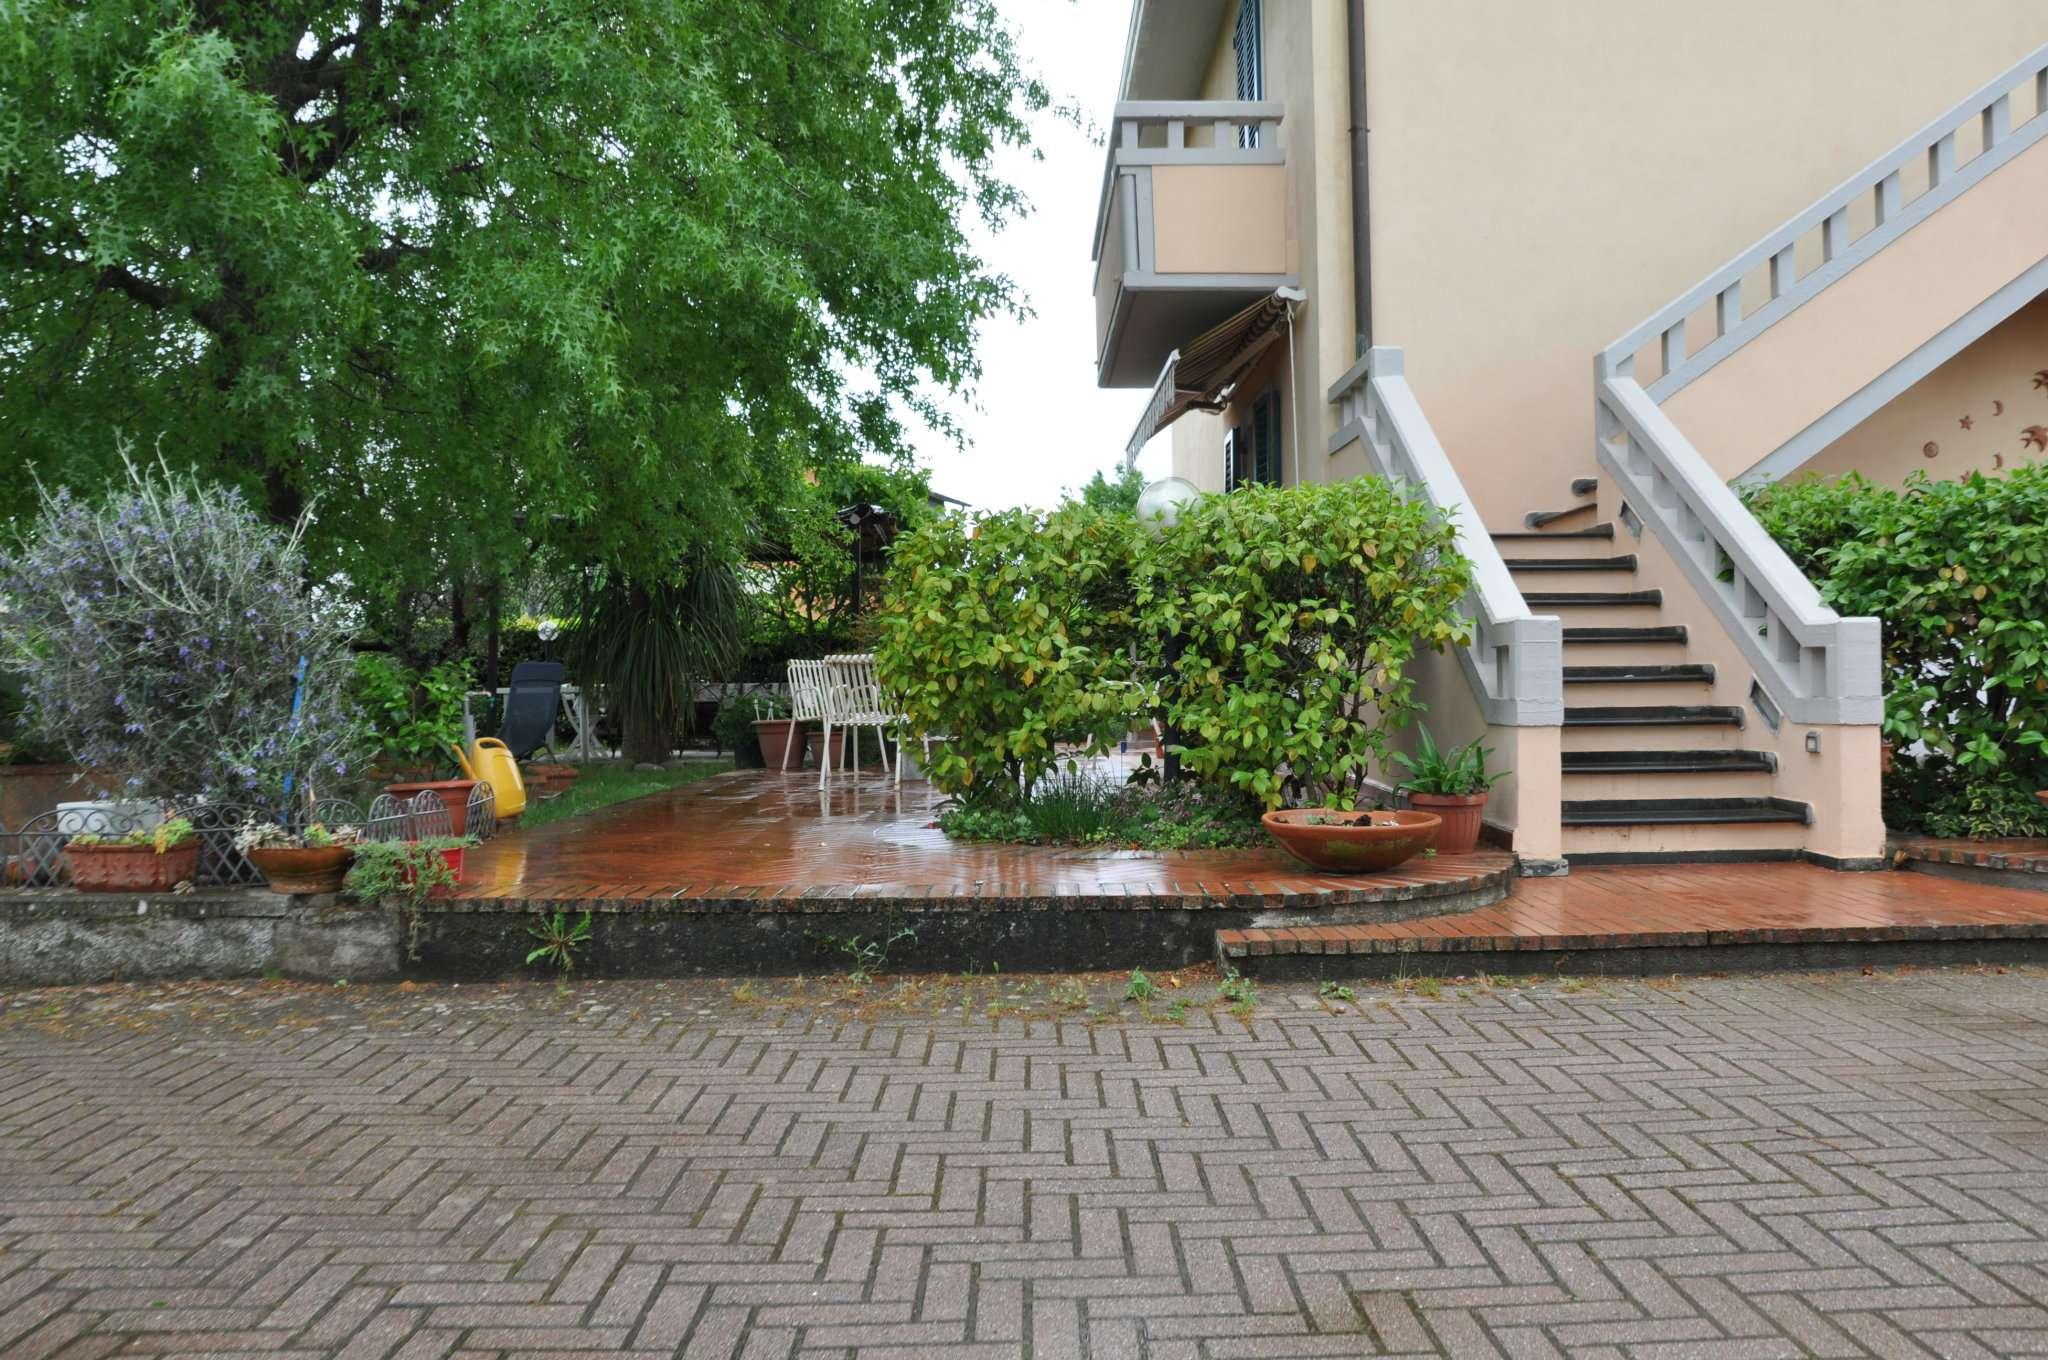 Appartamento con giardino a pistoia - Case in vendita pistoia giardino ...